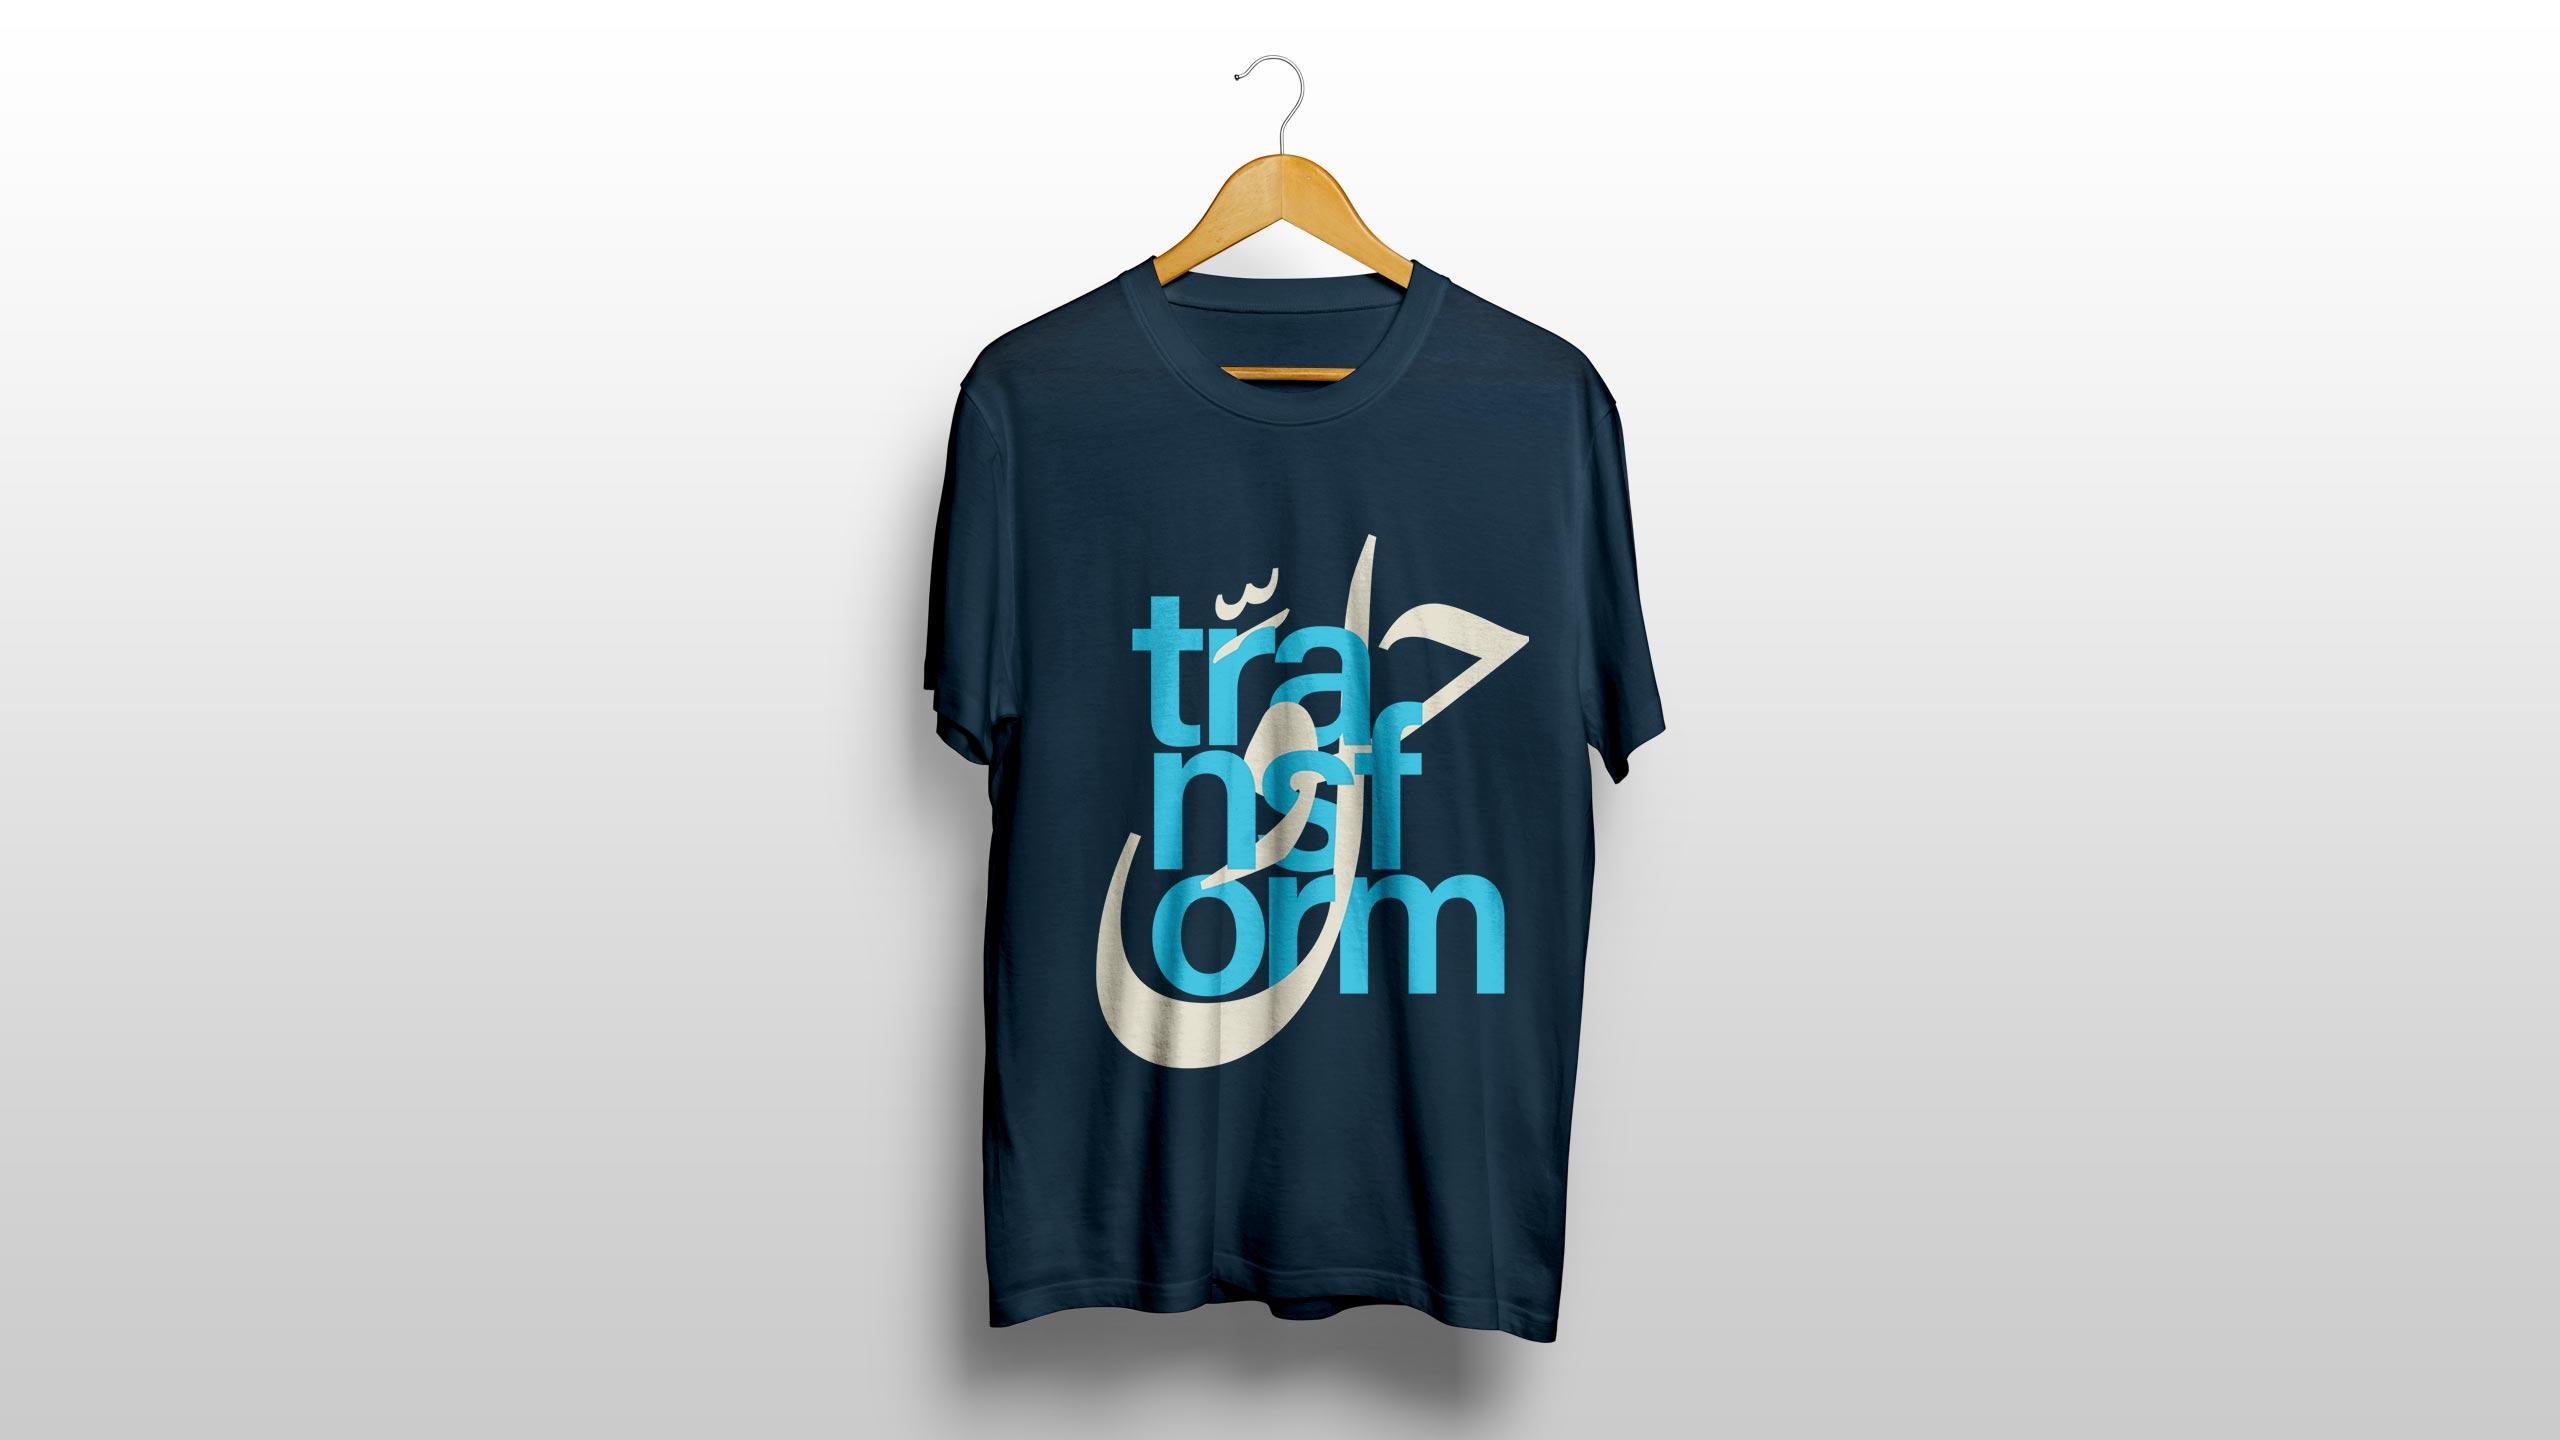 ATypI tshirt